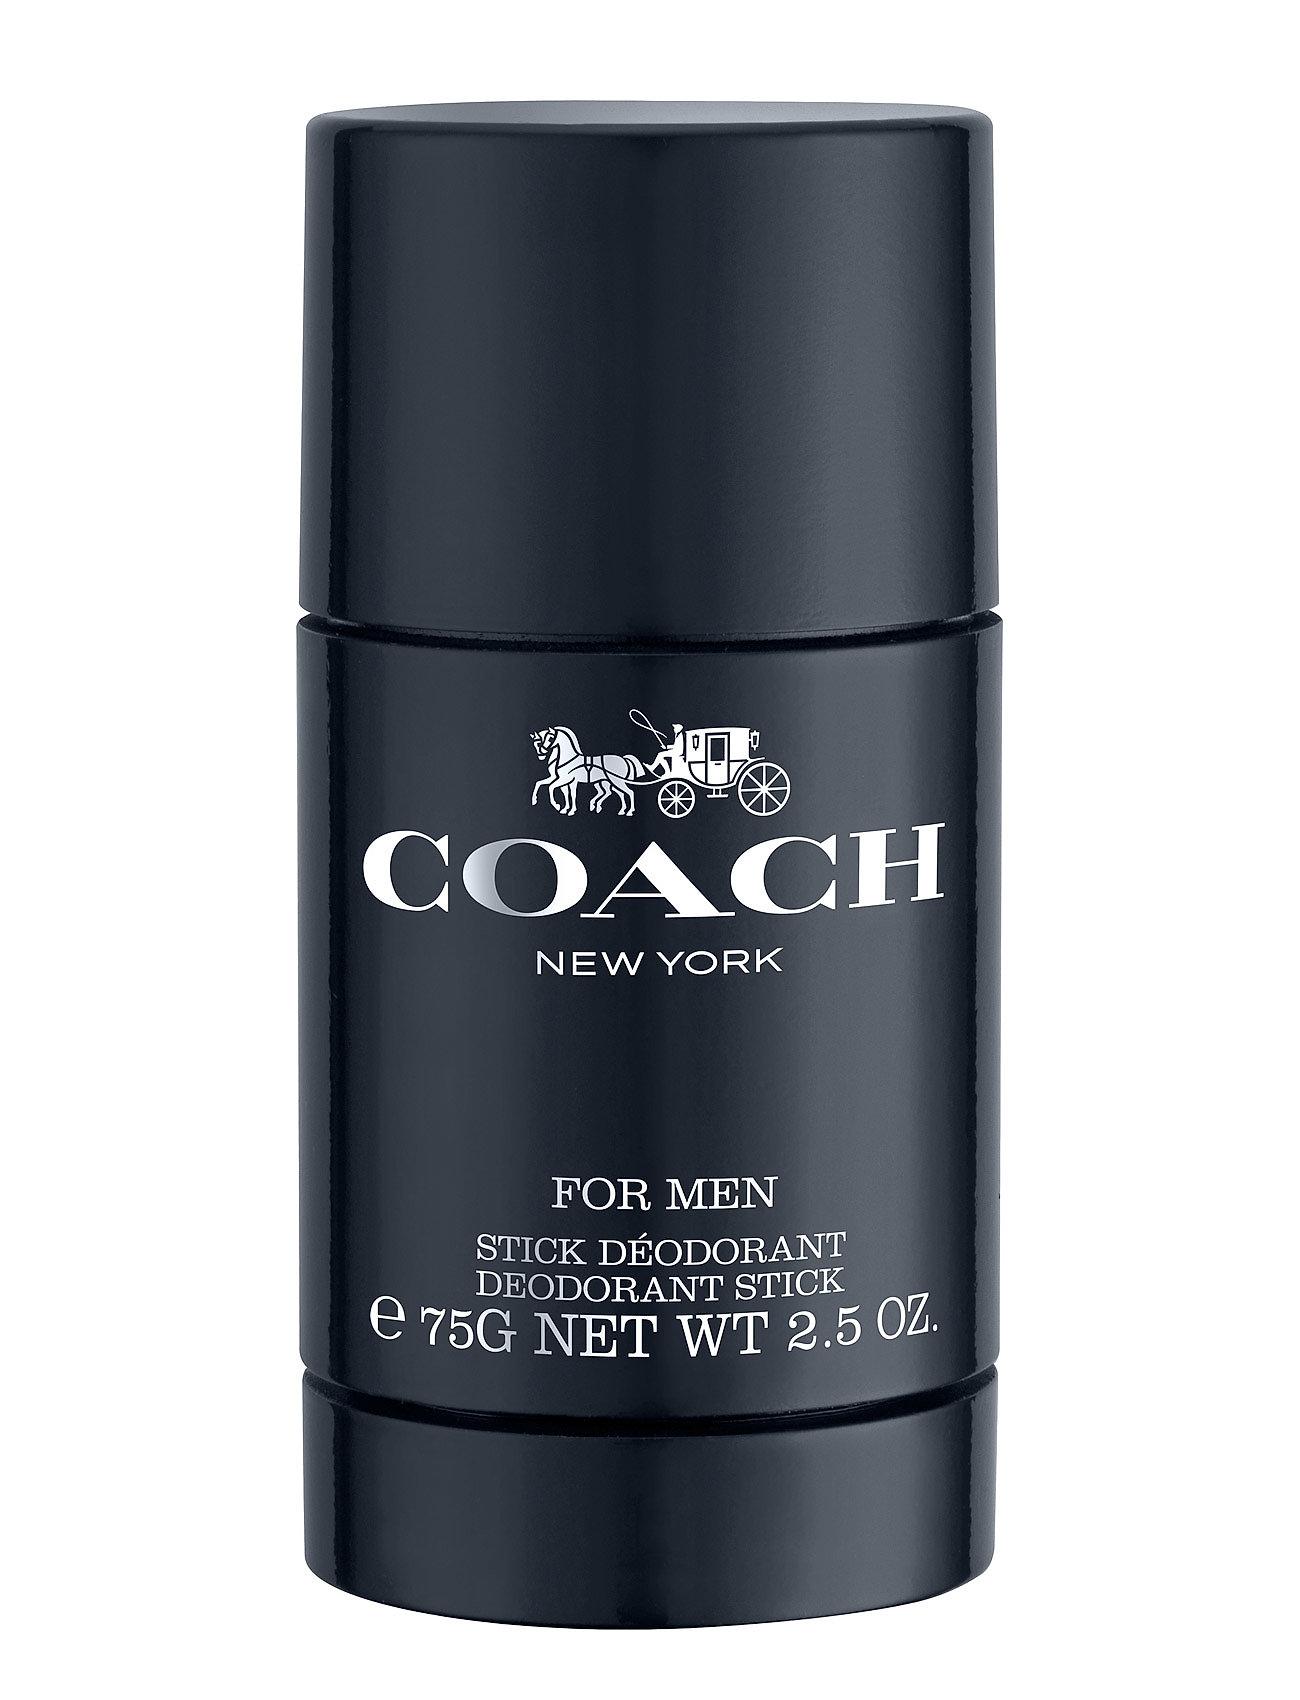 Image of Man Eau De Toilette Deo Stick Beauty MEN Deodorants Roll-on Nude Coach Fragrance (3340172471)